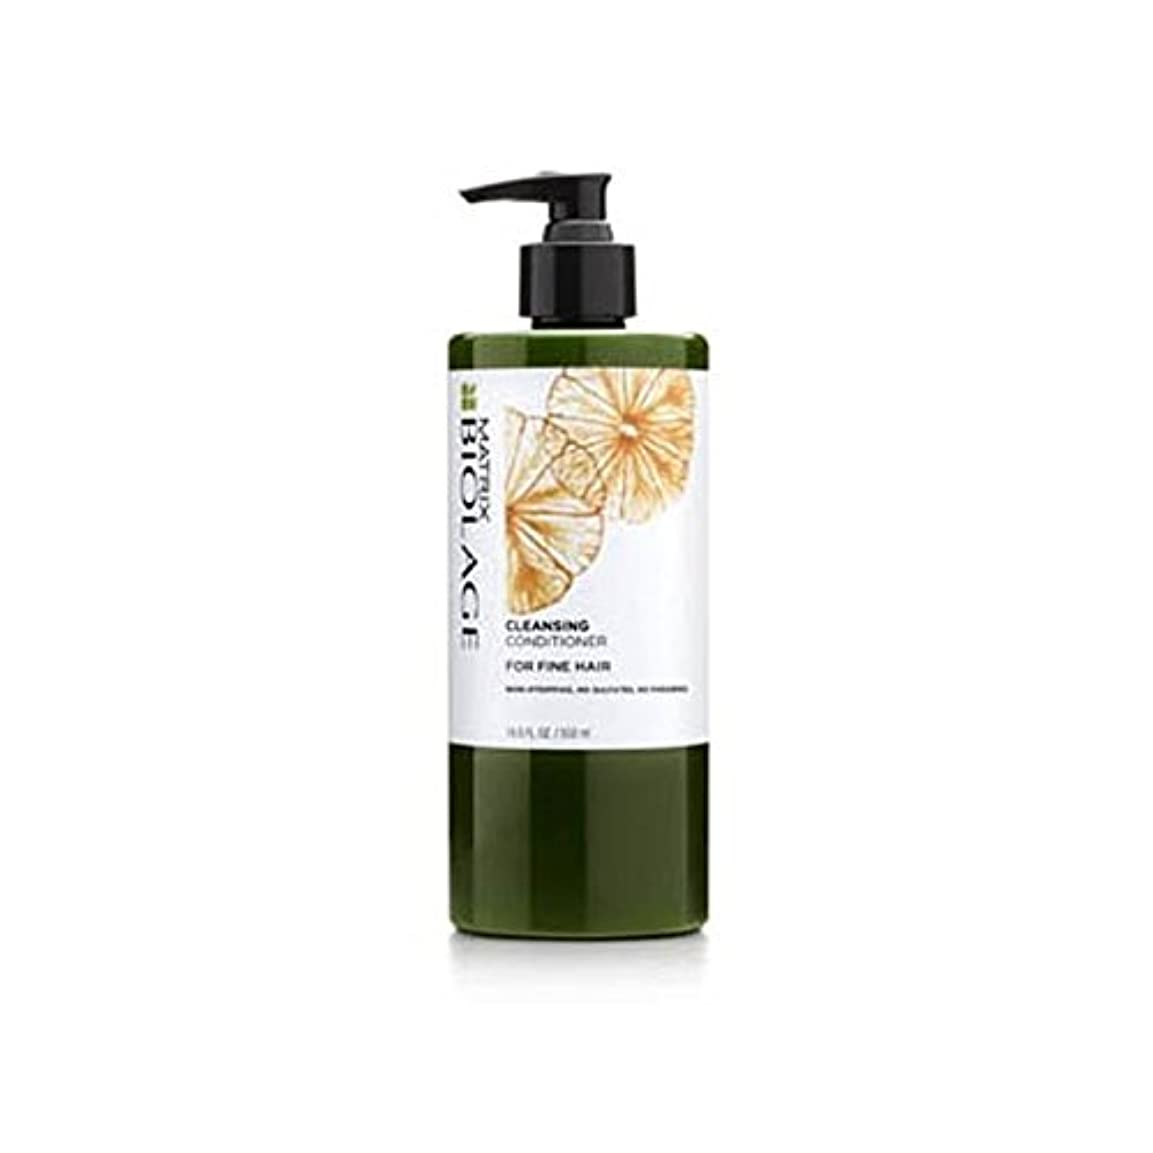 フィッティング幾分にやにやマトリックスバイオレイジクレンジングコンディショナー - 細い髪(500ミリリットル) x2 - Matrix Biolage Cleansing Conditioner - Fine Hair (500ml) (Pack...